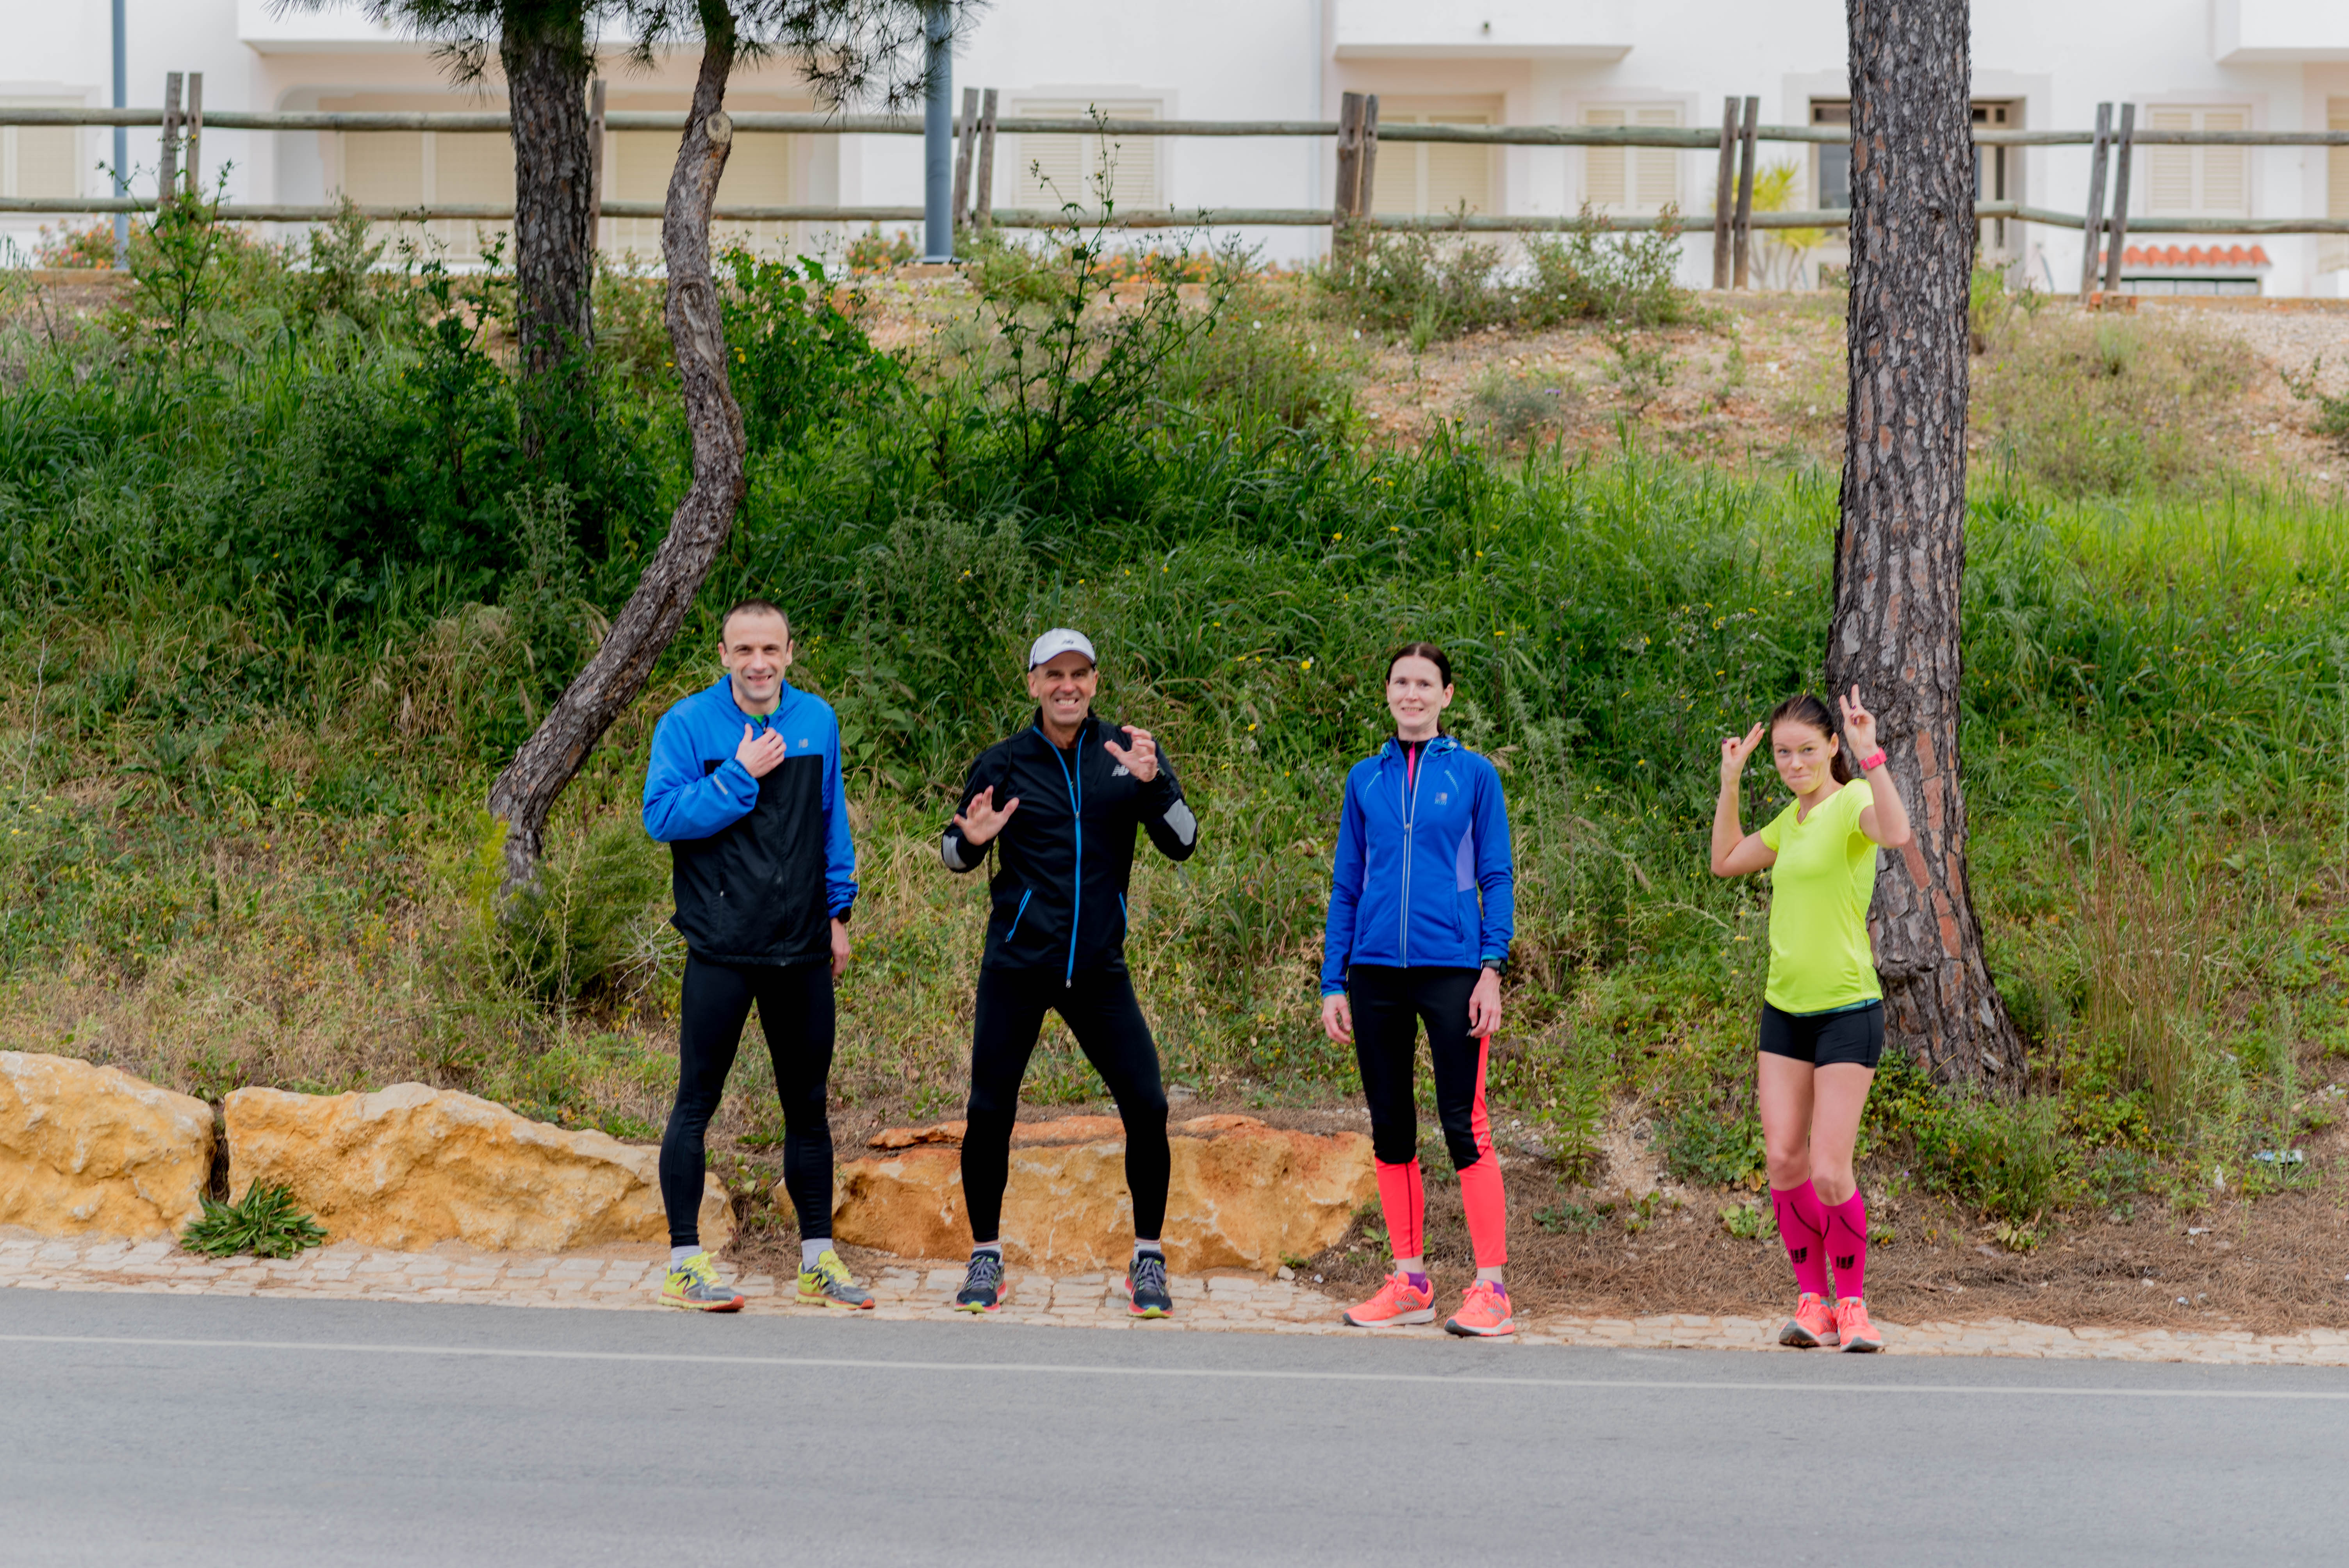 , Falesia 5 km maanteejooks, Täppsportlased